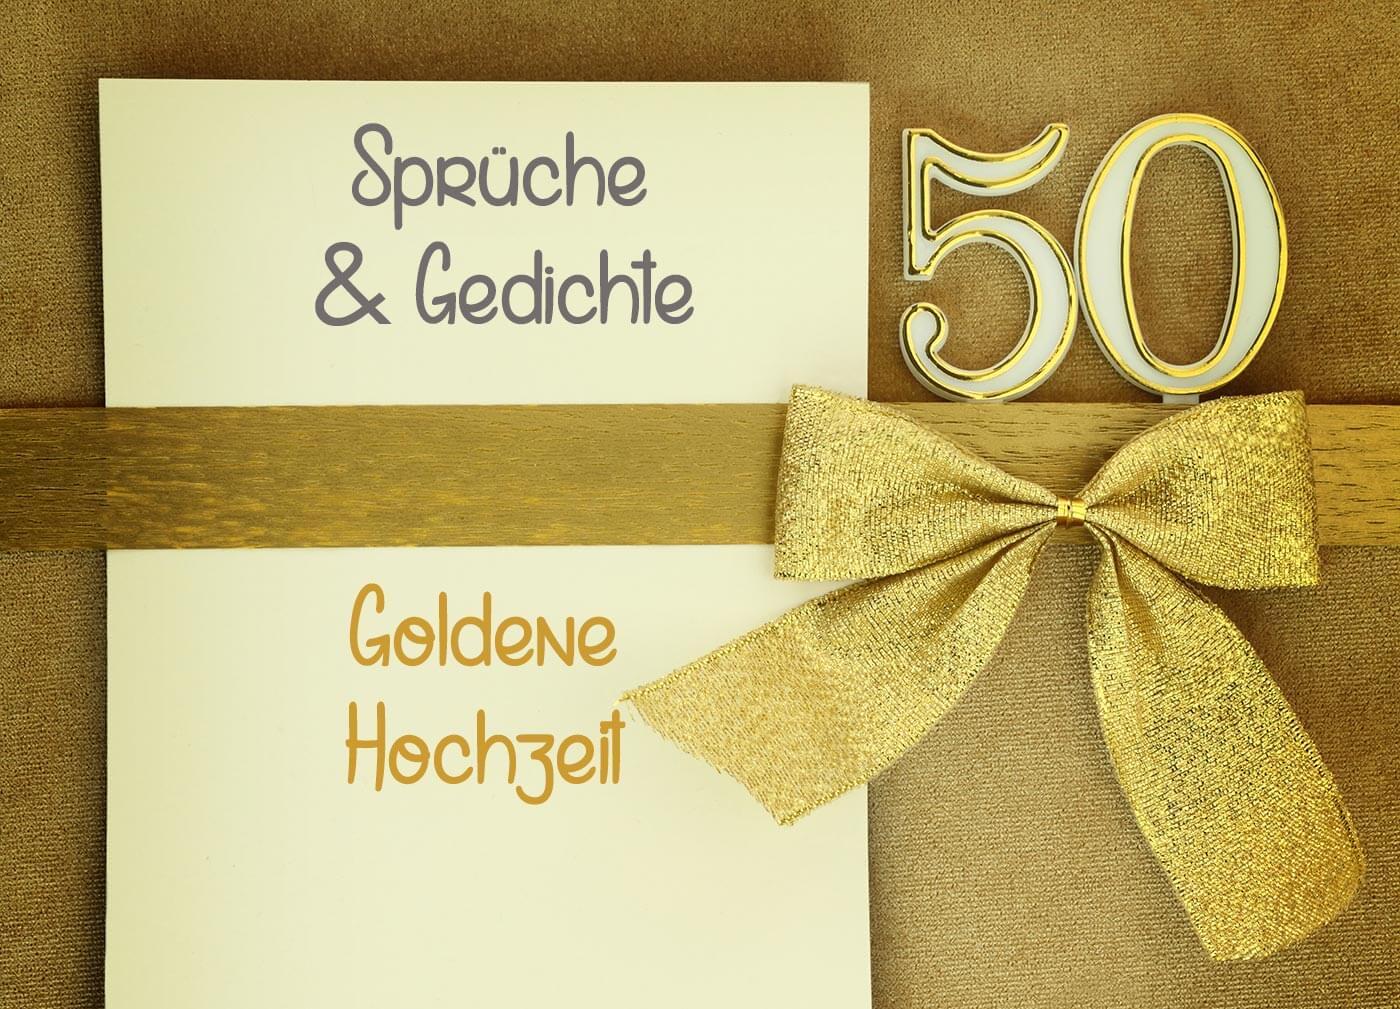 Sprueche Goldene Hochzeit Sprüche Zitate Leben